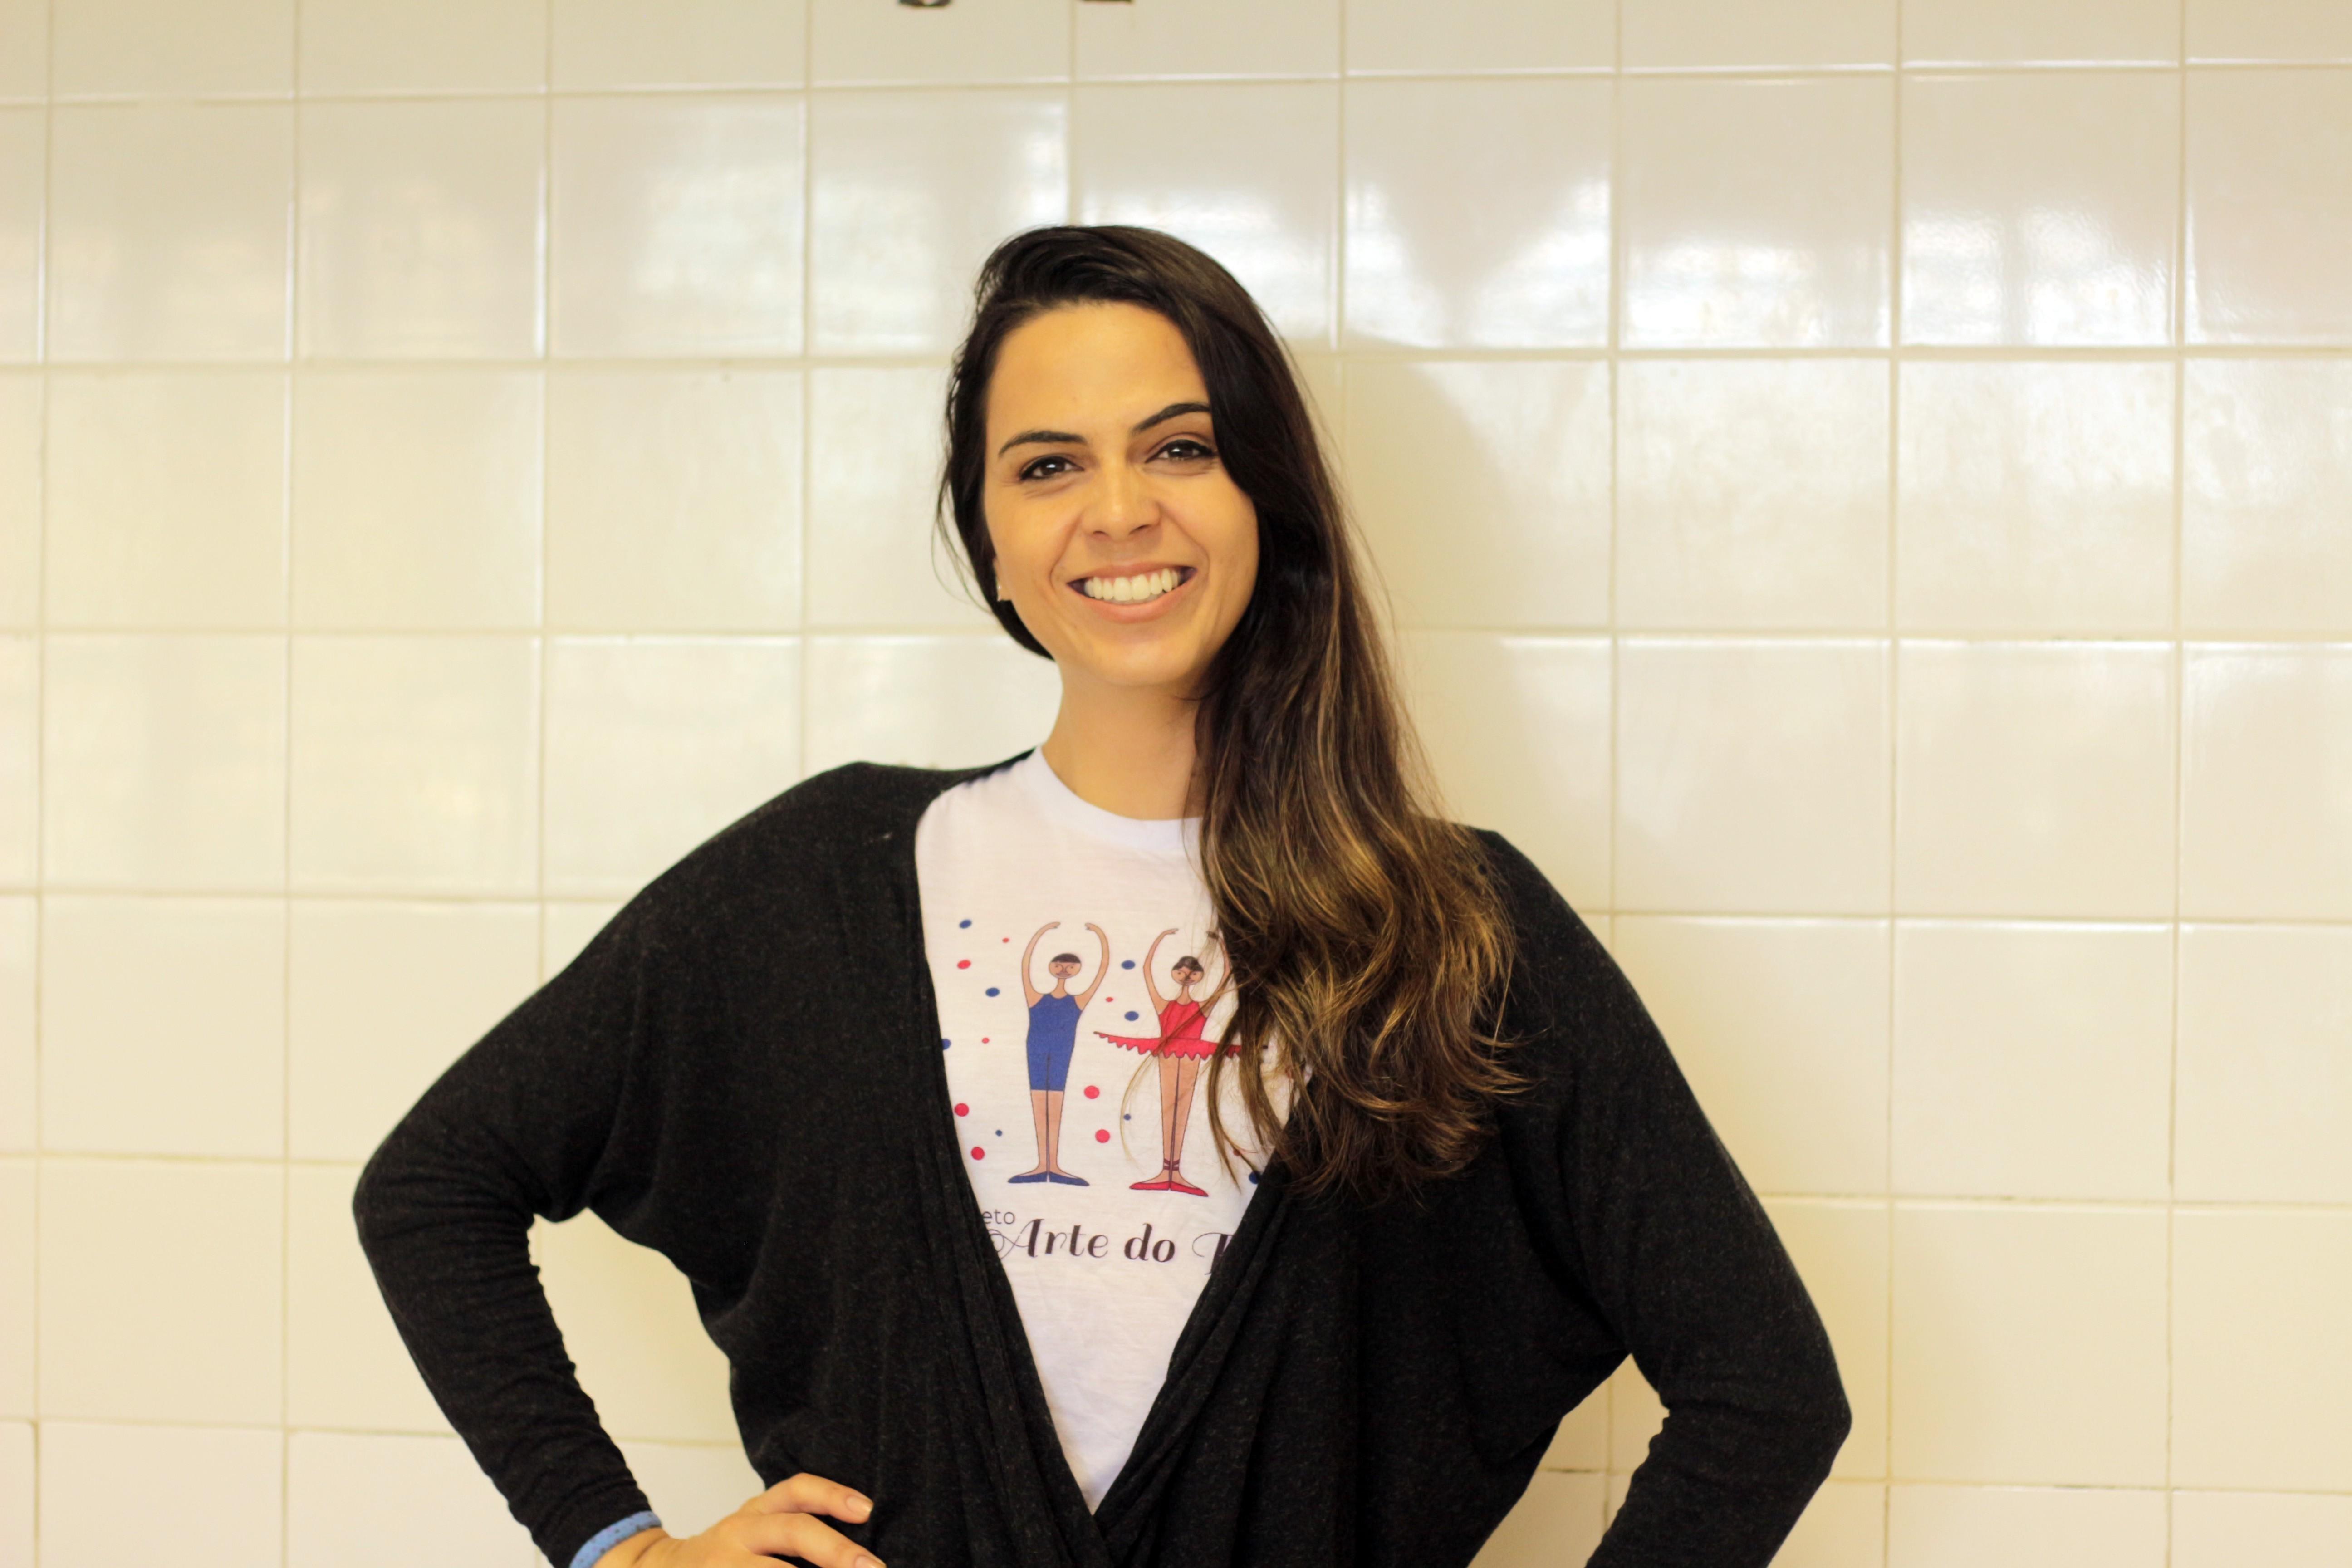 Com aulas em antiga despensa e figurinos doados, professora de balé atrai comunidade para rotina de escola pública - Notícias - Plantão Diário